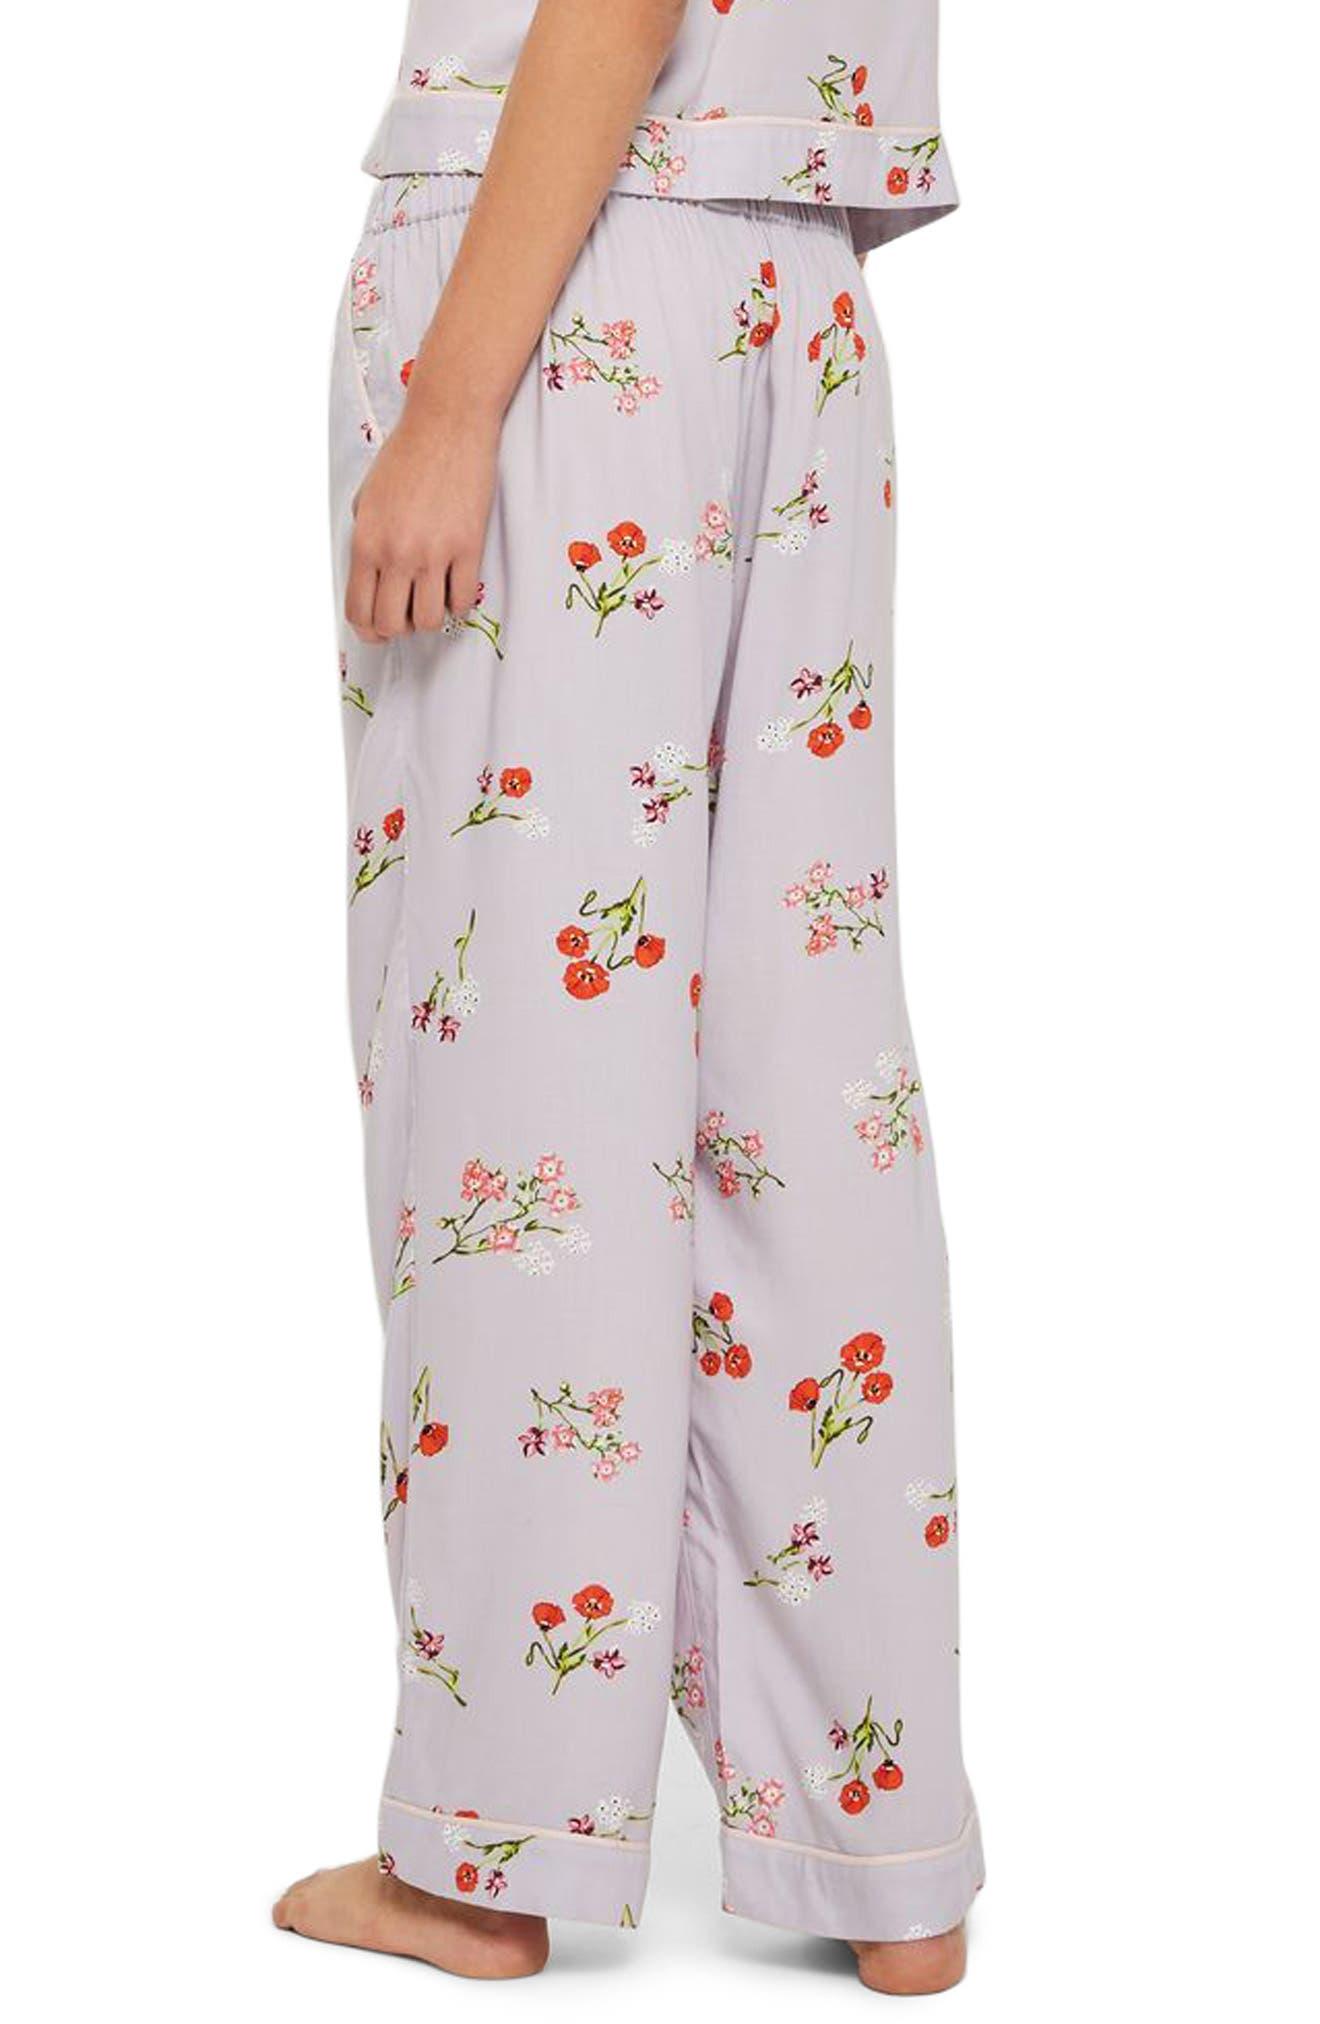 Poppy Print Pajama Pants,                             Alternate thumbnail 2, color,                             Light Blue Multi